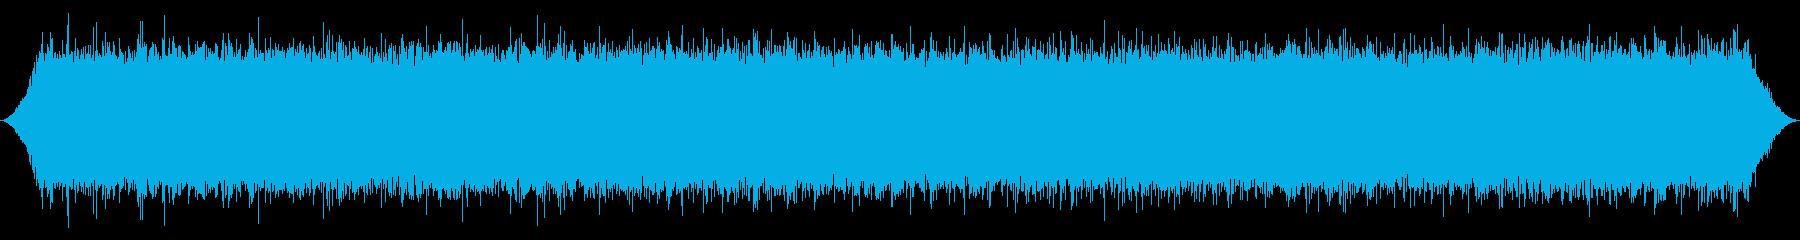 リバーラピッズ:パワフルで濃いスプ...の再生済みの波形